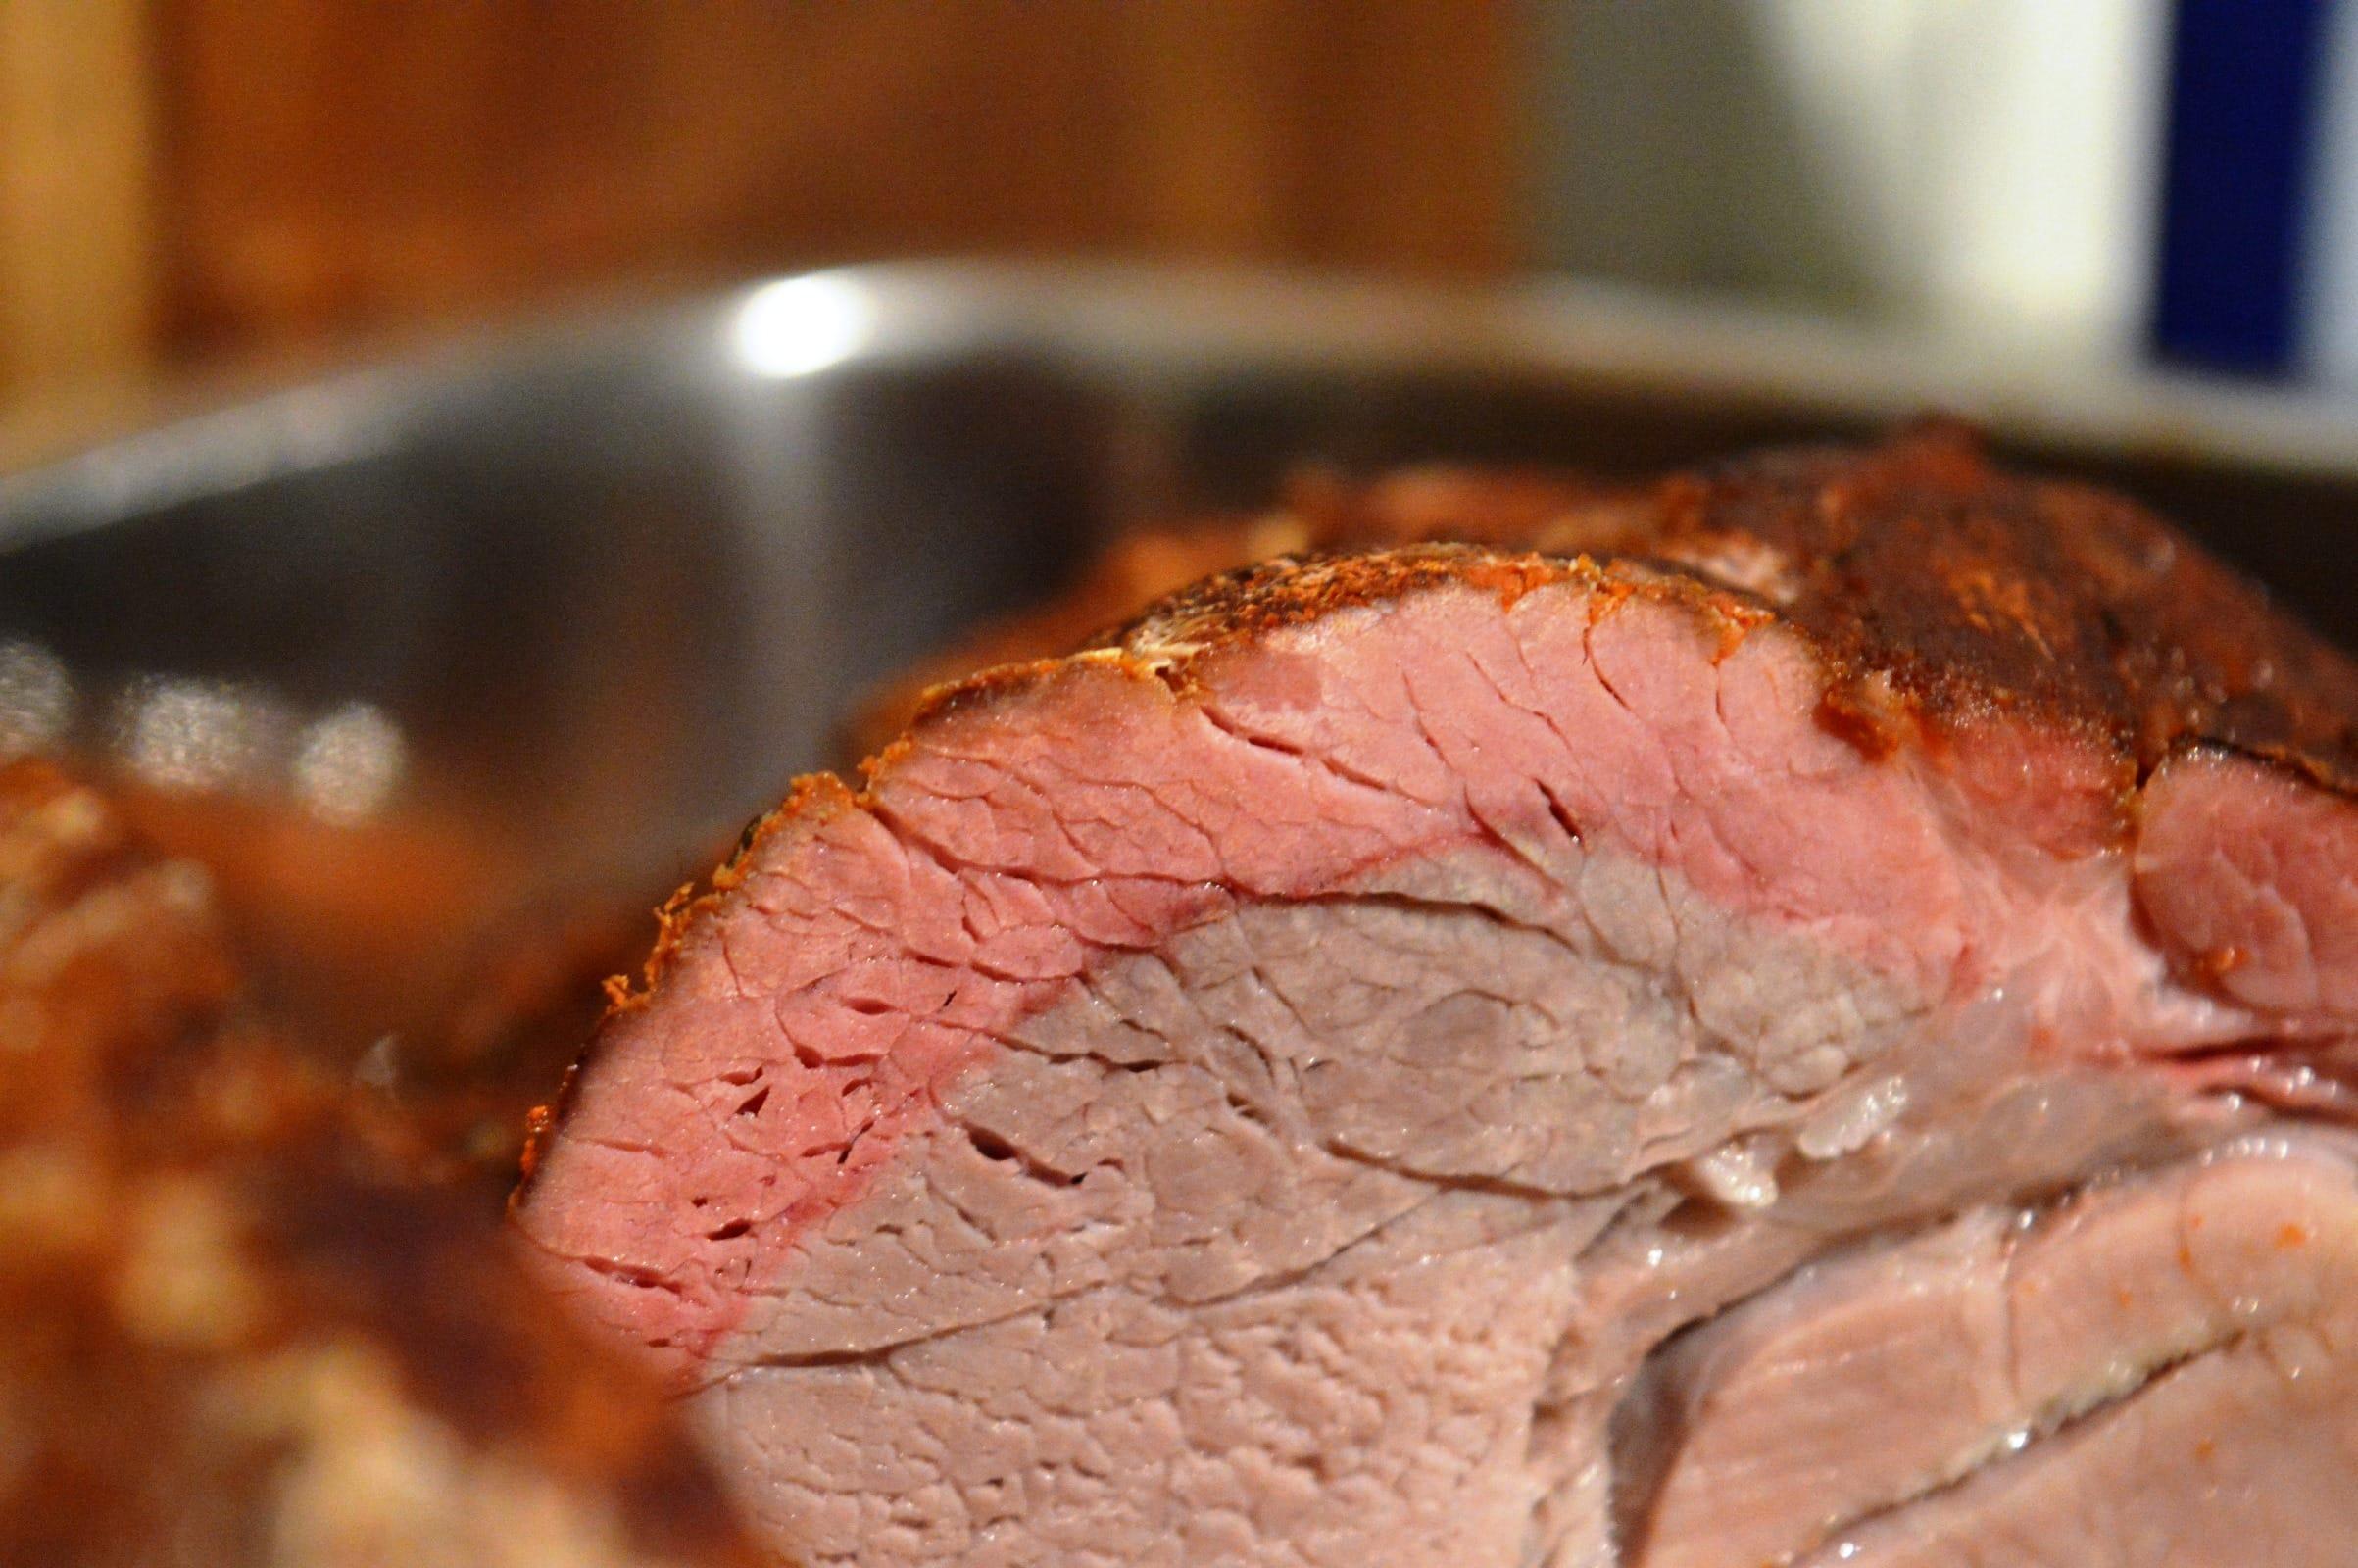 Pulled Pork Gasgrill Kerntemperatur : Plateauphasen der mythos ist geschichte! bacon zum steak